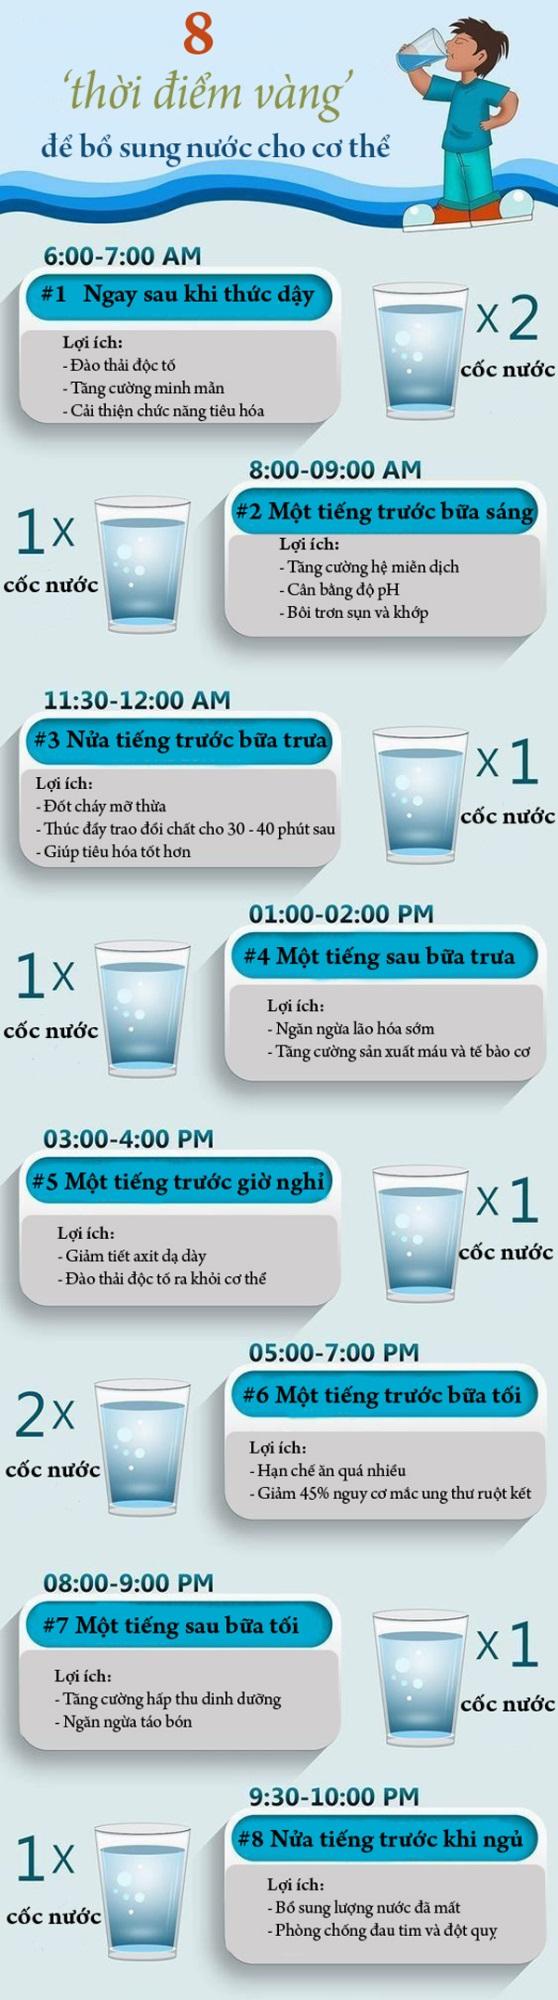 Uống nước vào 8 'thời điểm vàng' giúp gia tăng lợi ích cho cơ thể - Ảnh 1